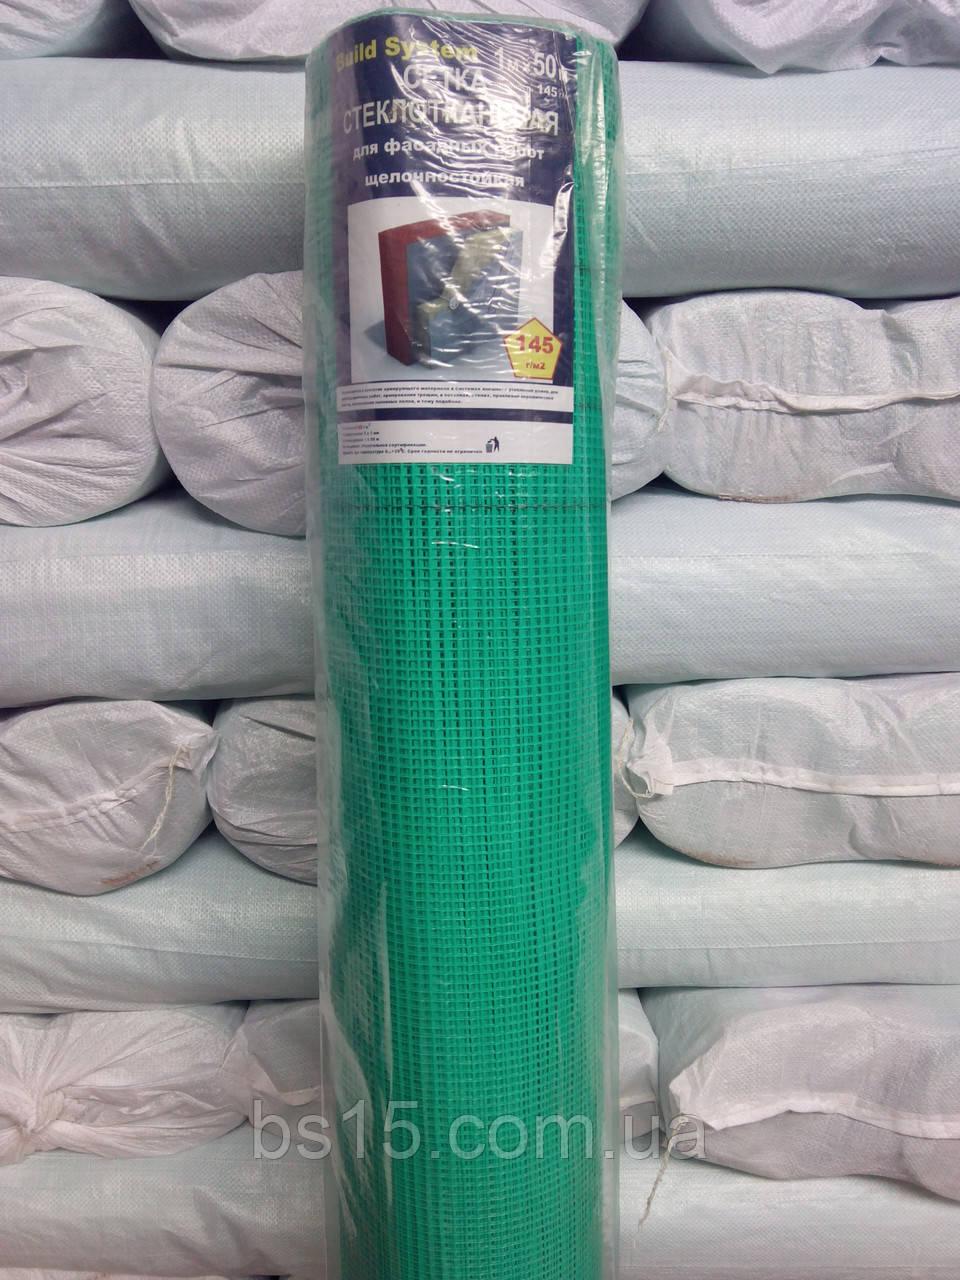 Сетка строительная зеленая 5х5 145 гр/м2, фото 1